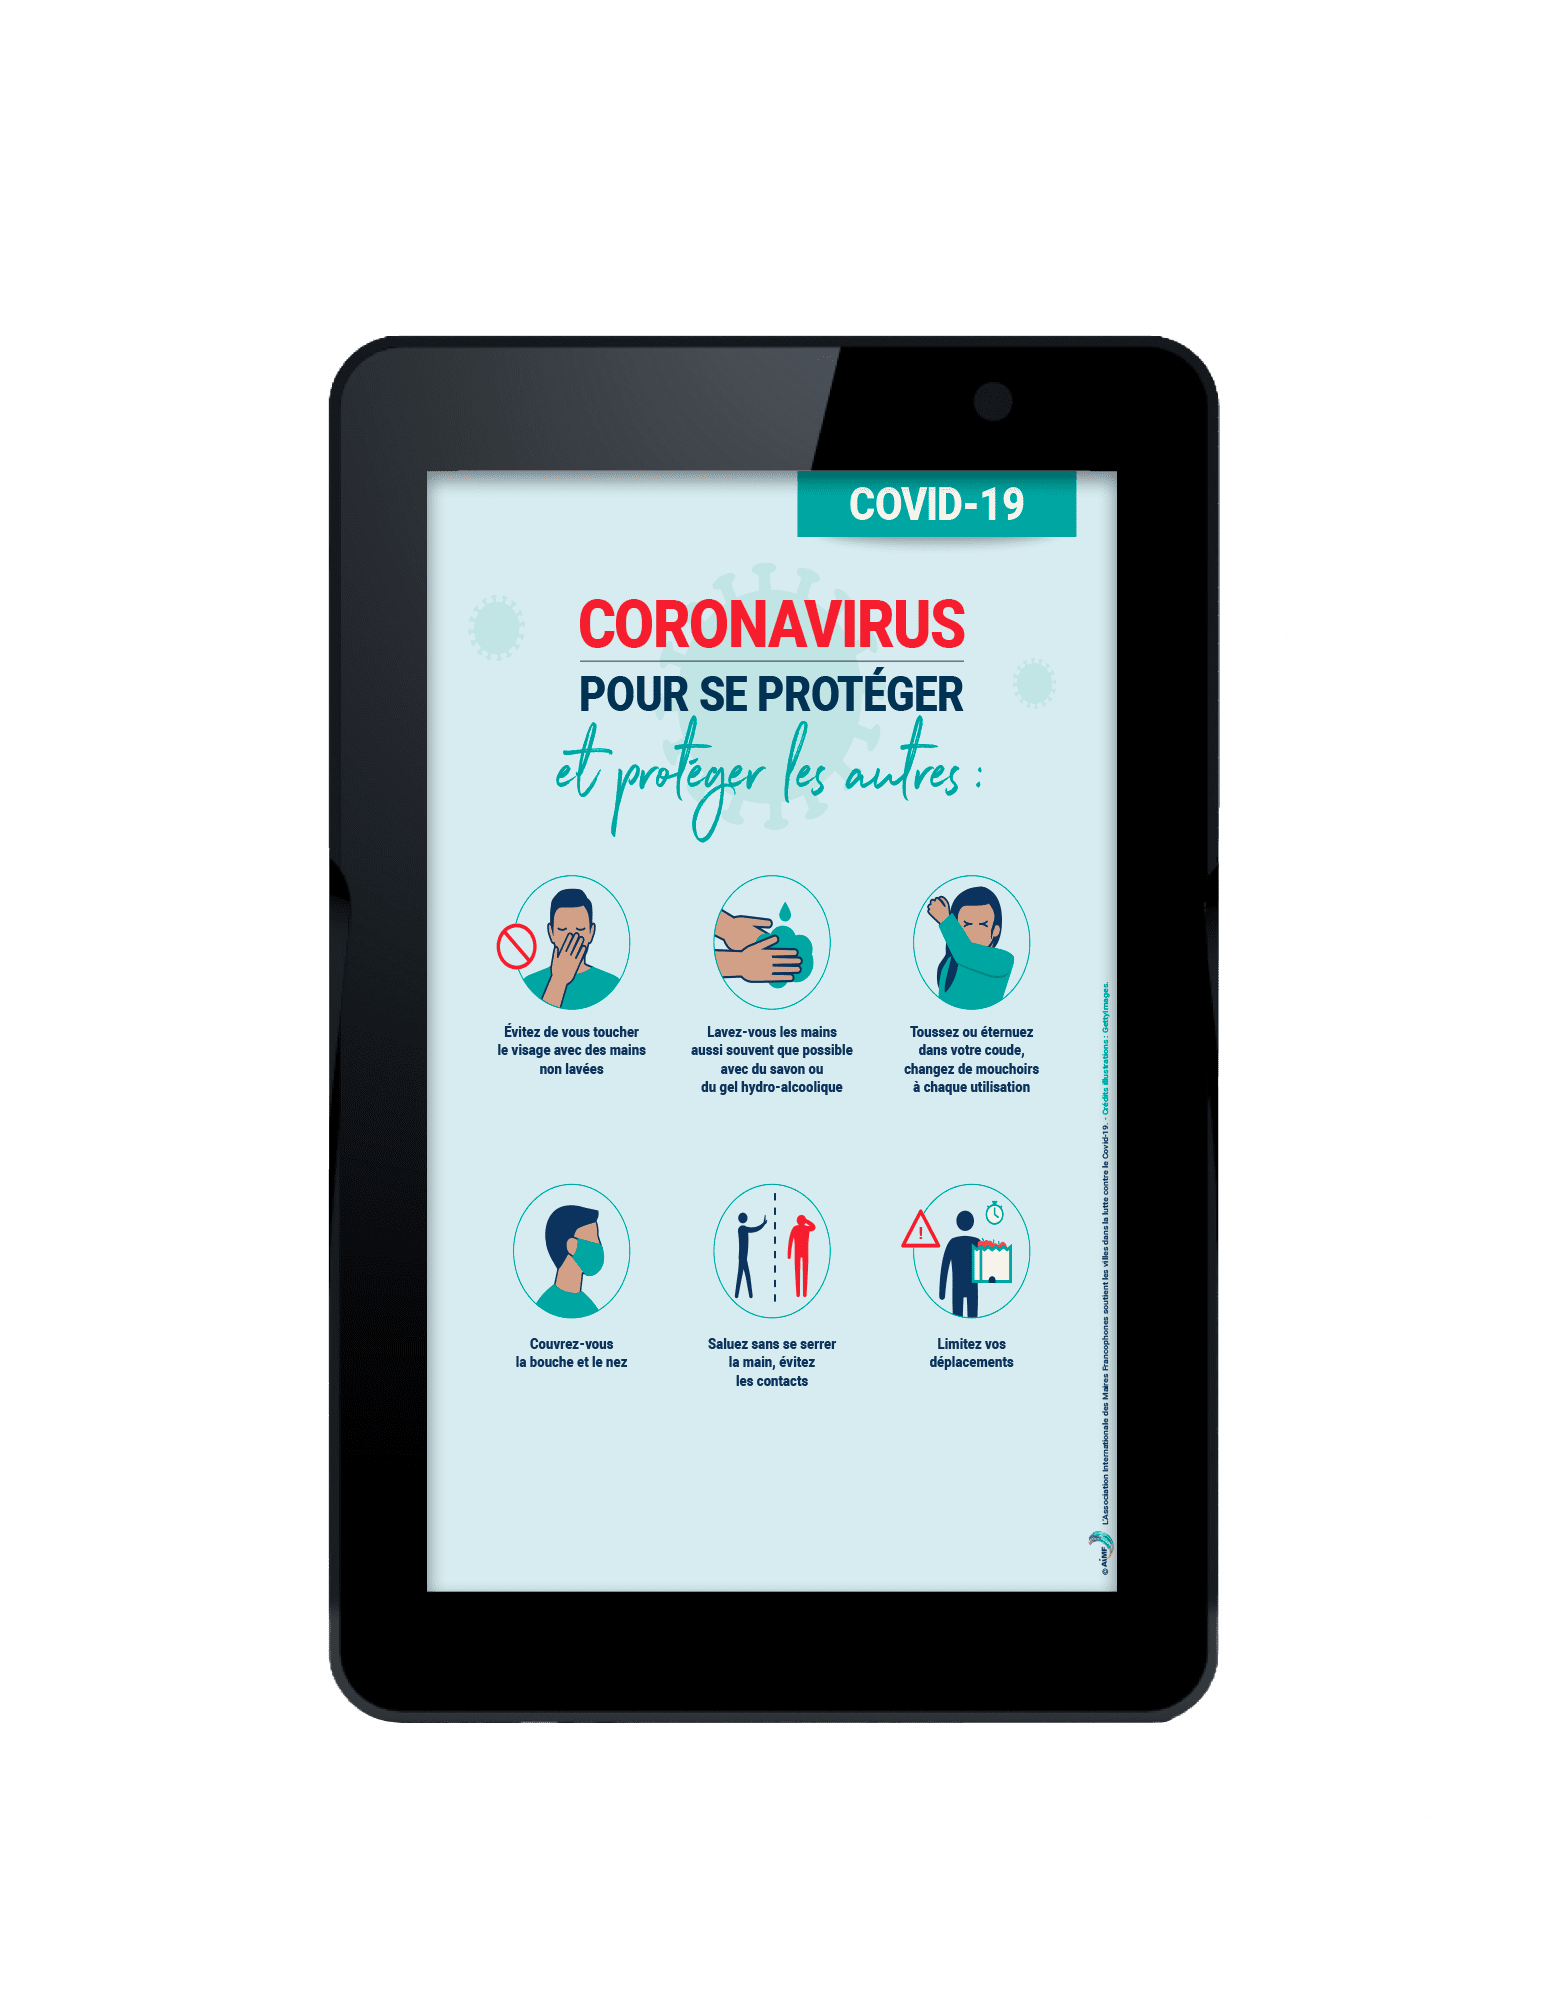 tablette interactive dédiée au message sanitaire